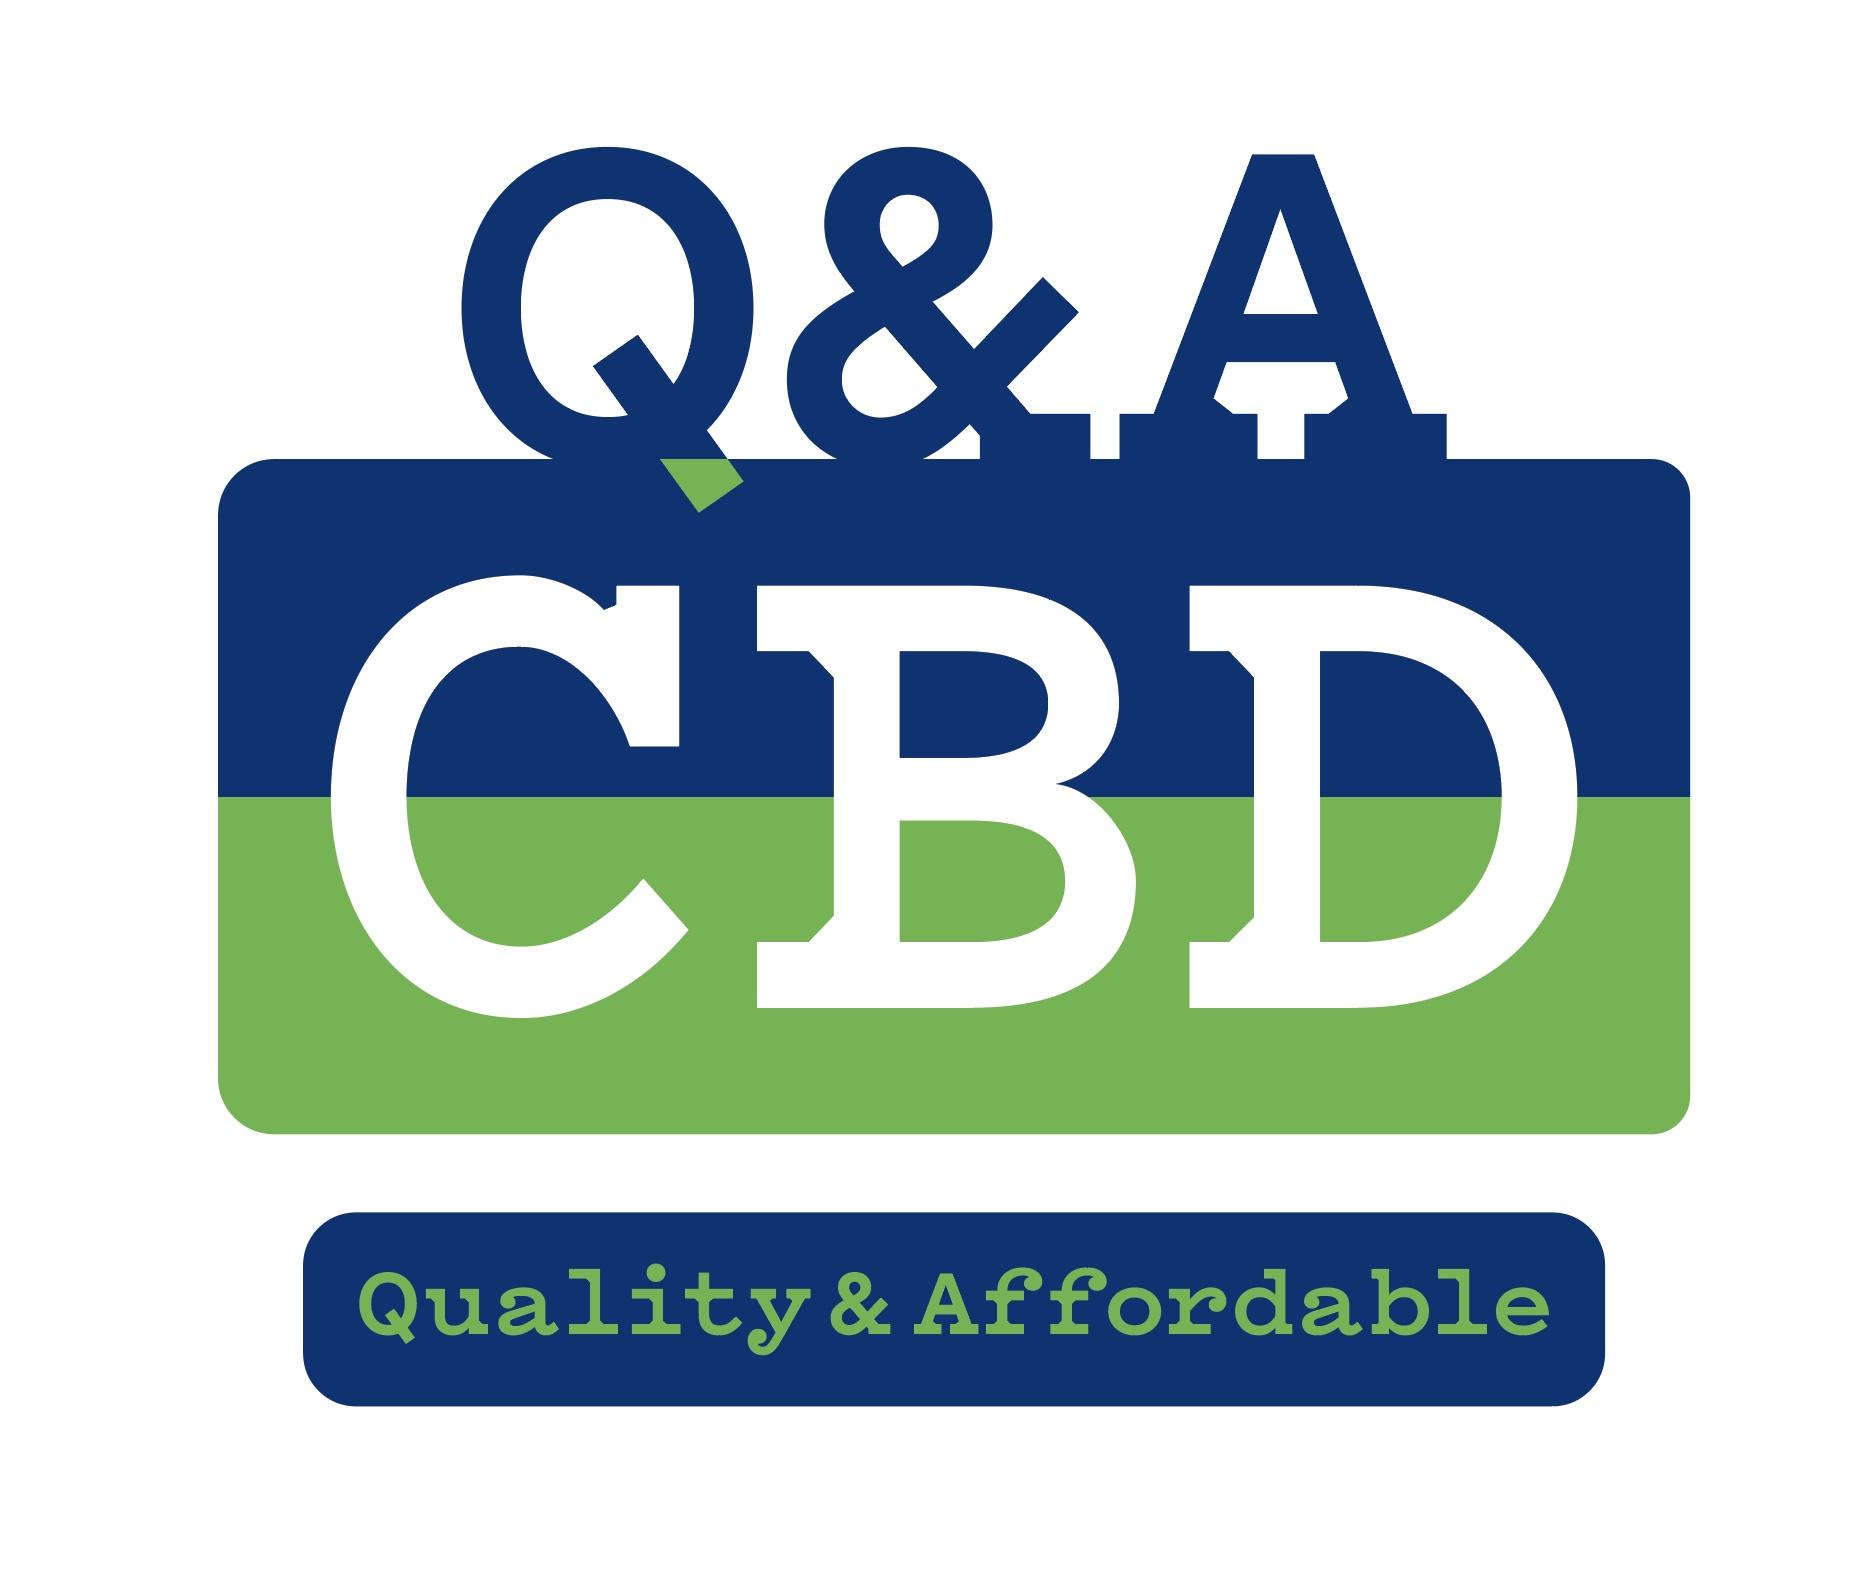 Q&A CBD Logo Design